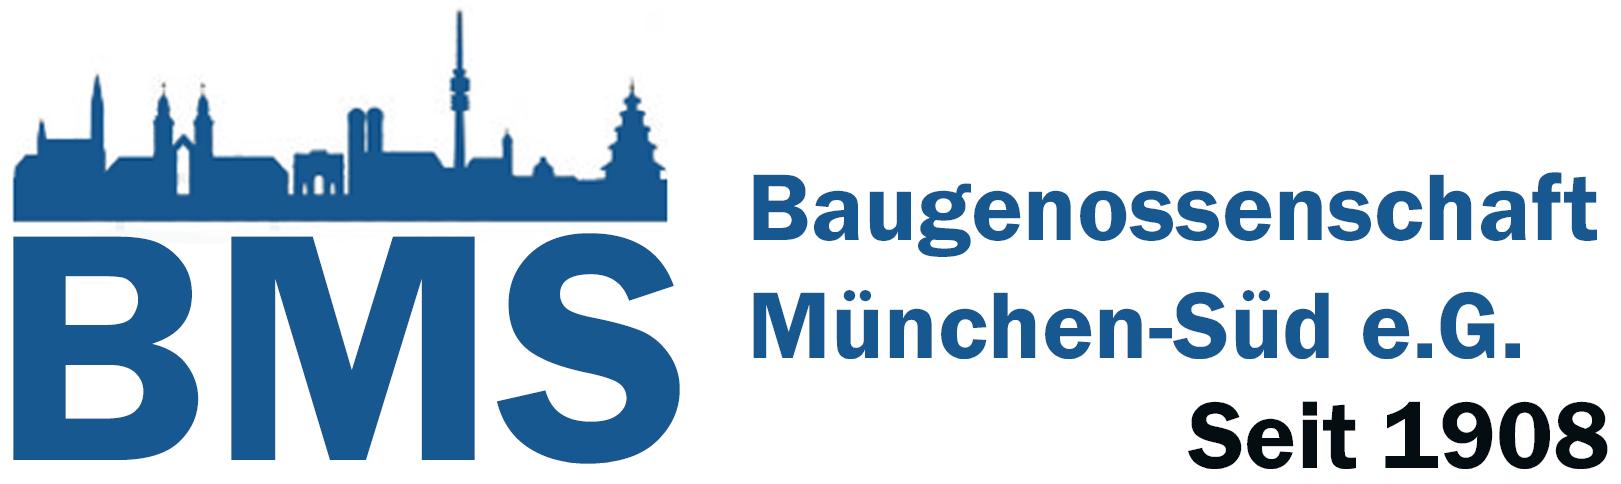 Baugenossenschaft München-Süd eG - seit 1908